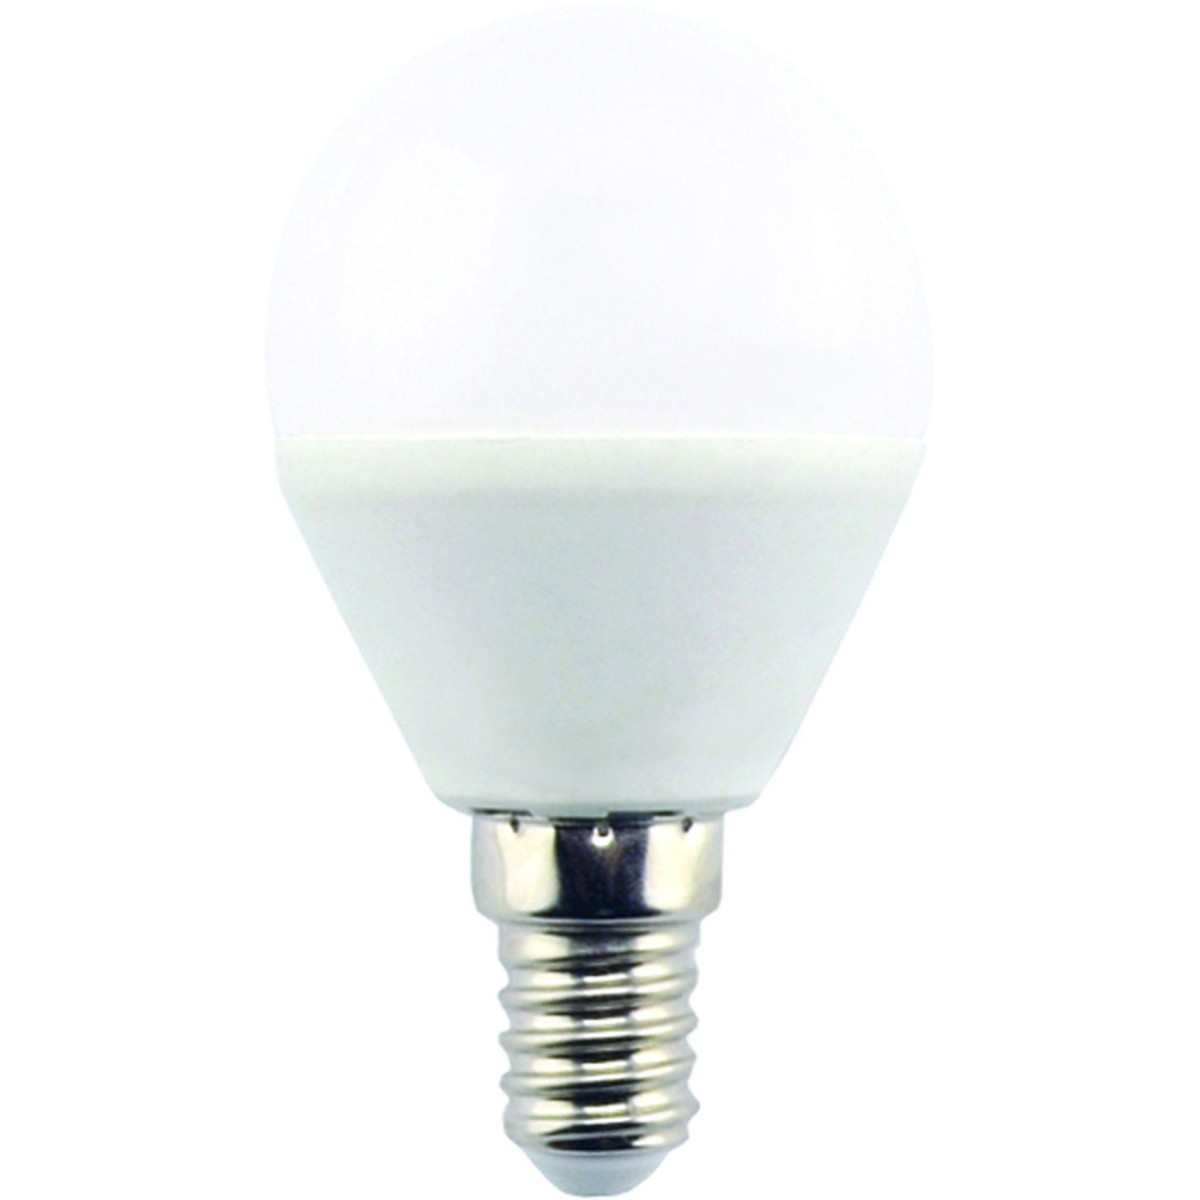 Лампа Ecola light светодионая E14 4 Вт шар 260 Лм нейтральный свет